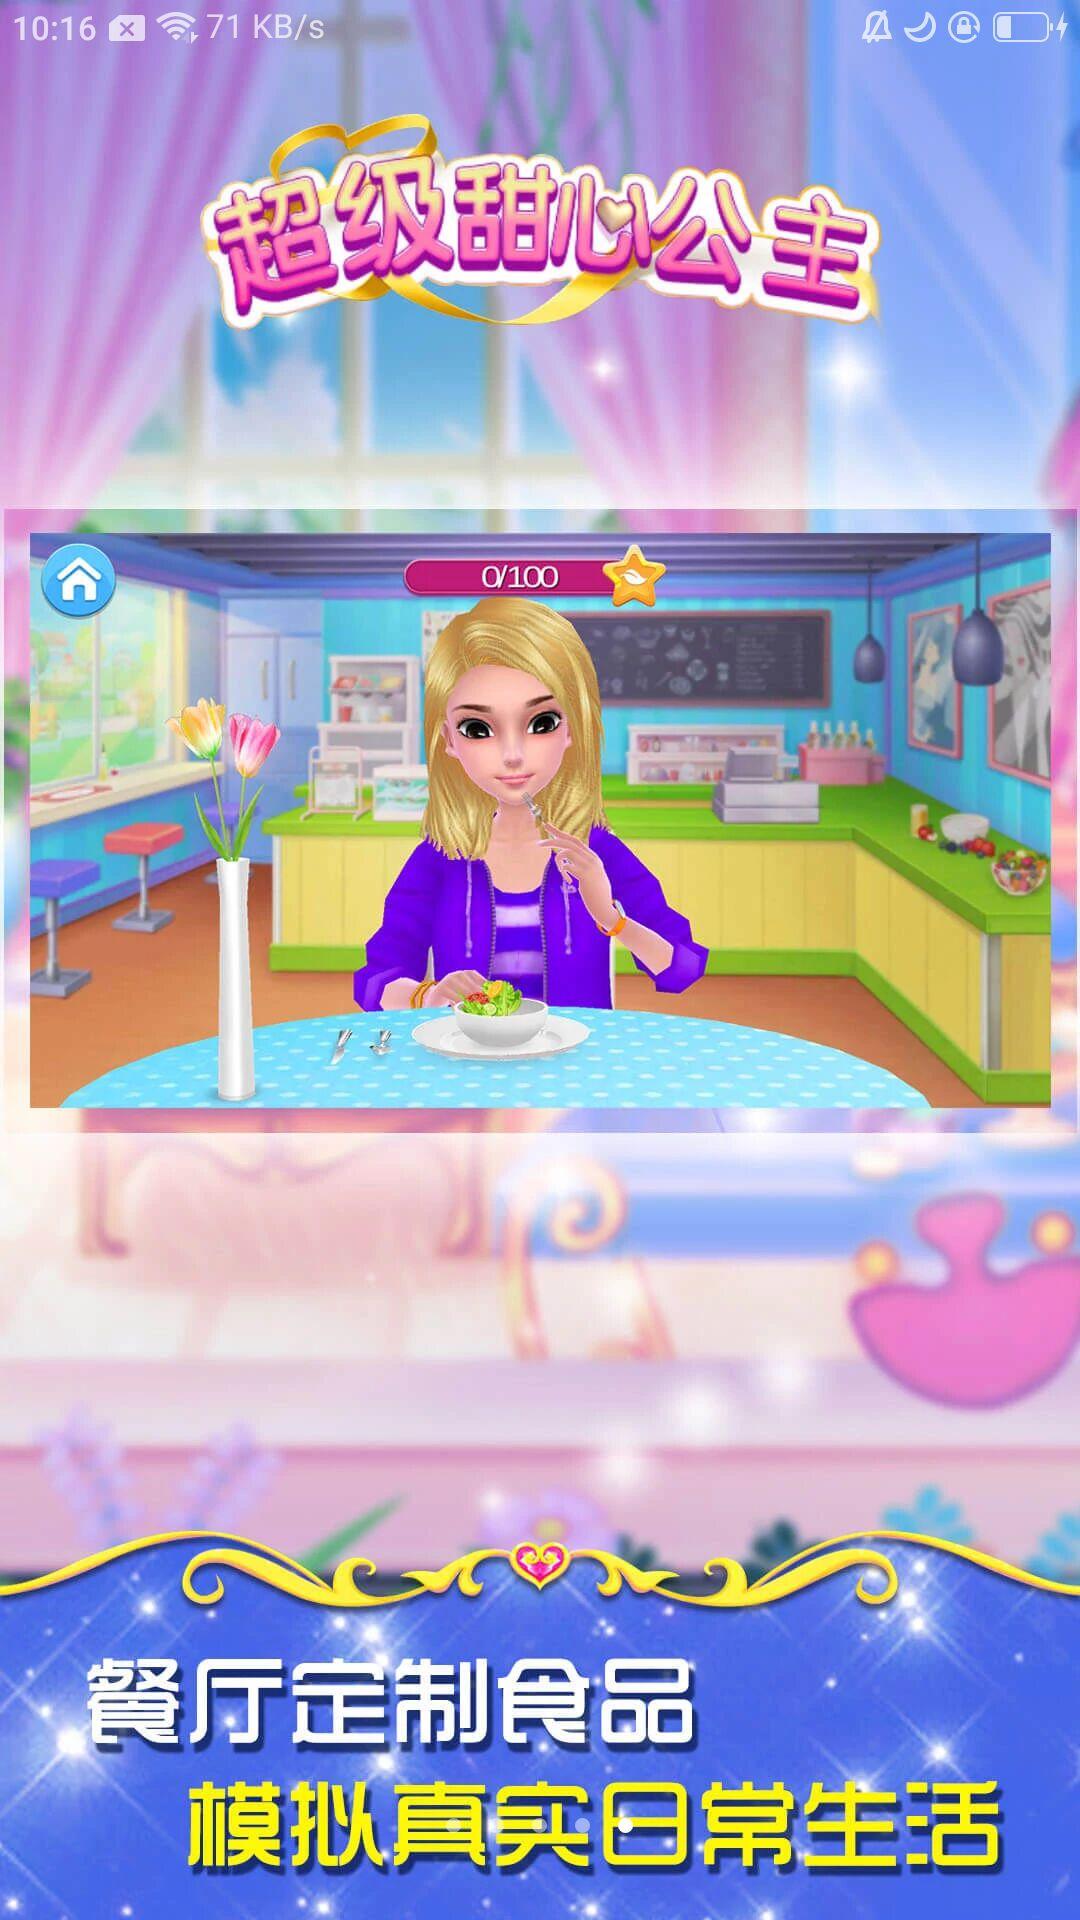 超级甜心公主游戏图片2